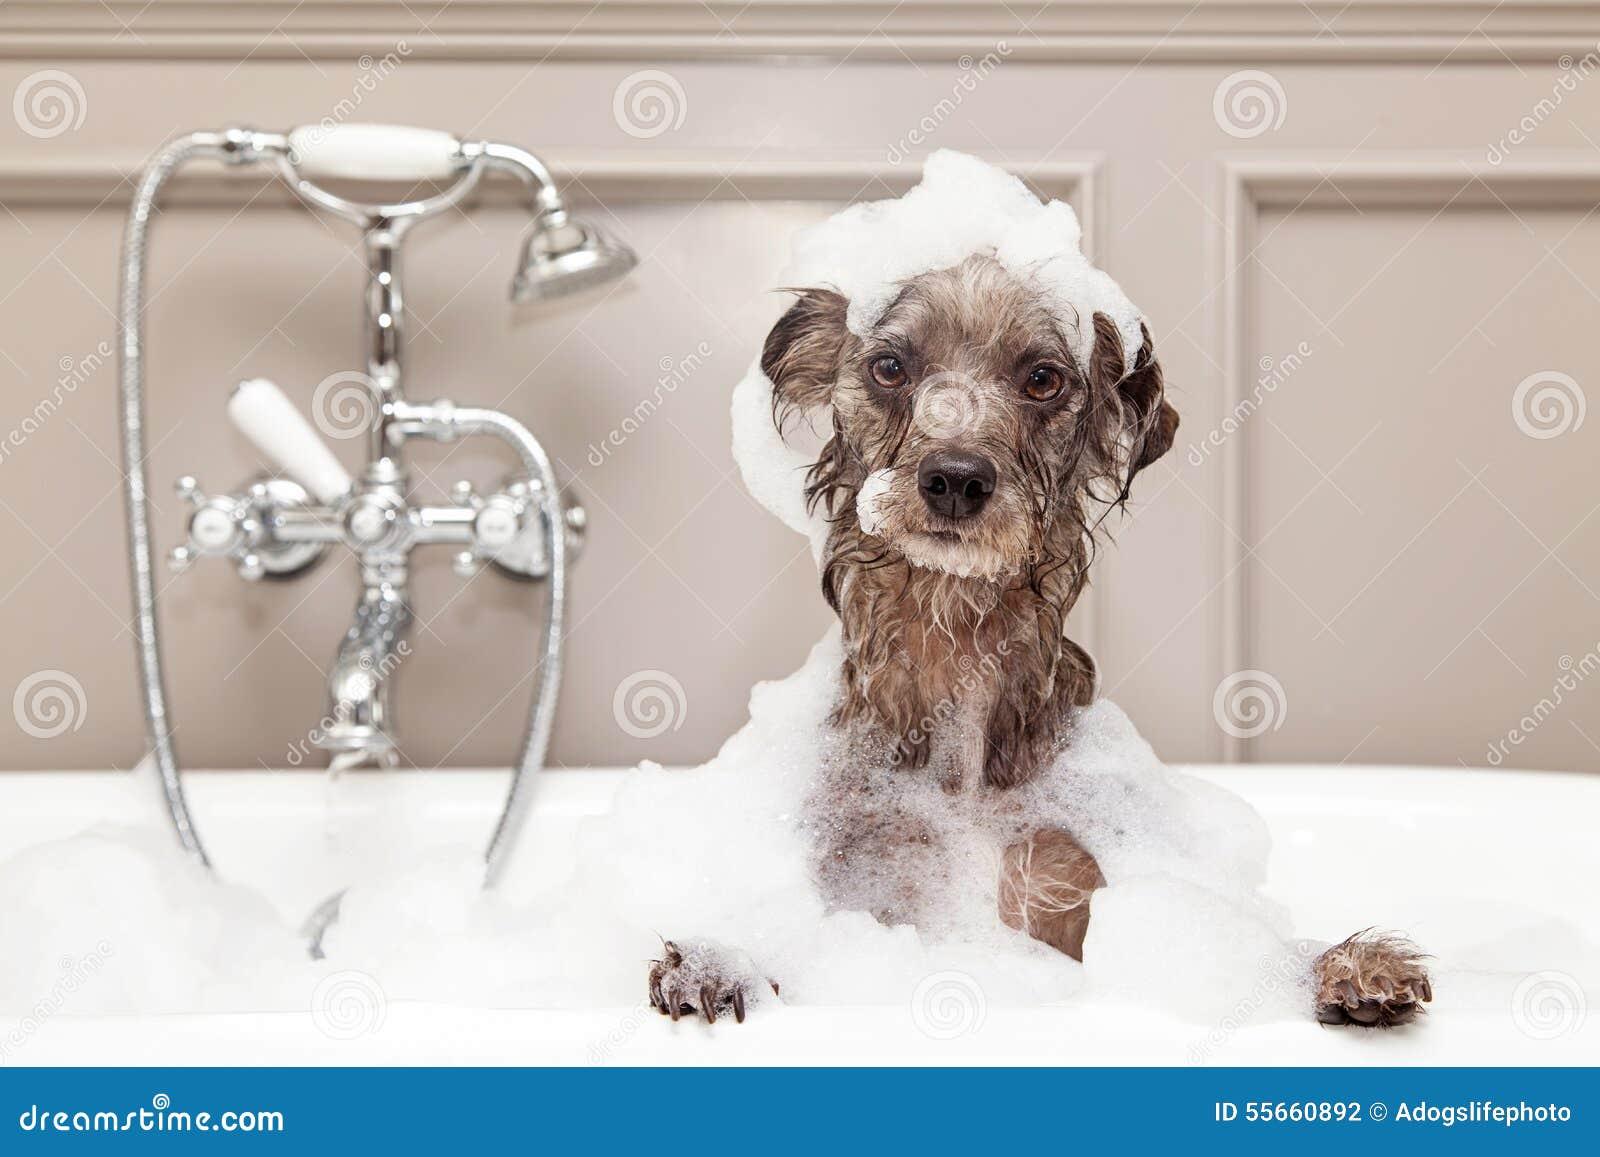 Funny Dog Taking Bubble Bath Stock Photo Image 55660892